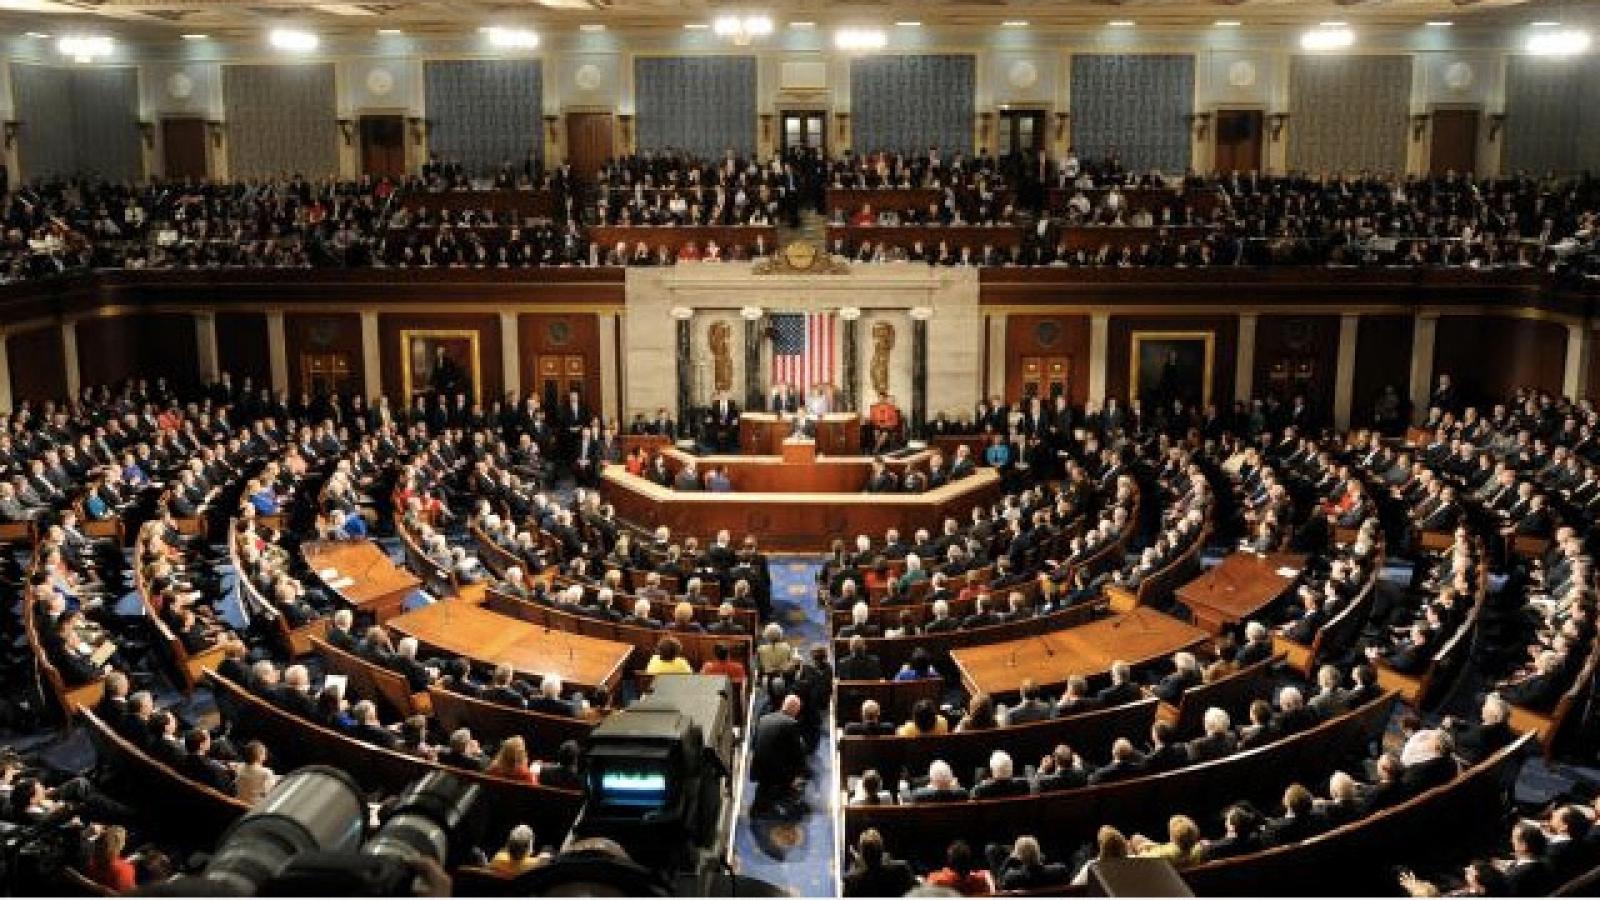 مصوبه اخیر کنگره امریکا و تاثیر آن بر صنعت خودروسازی